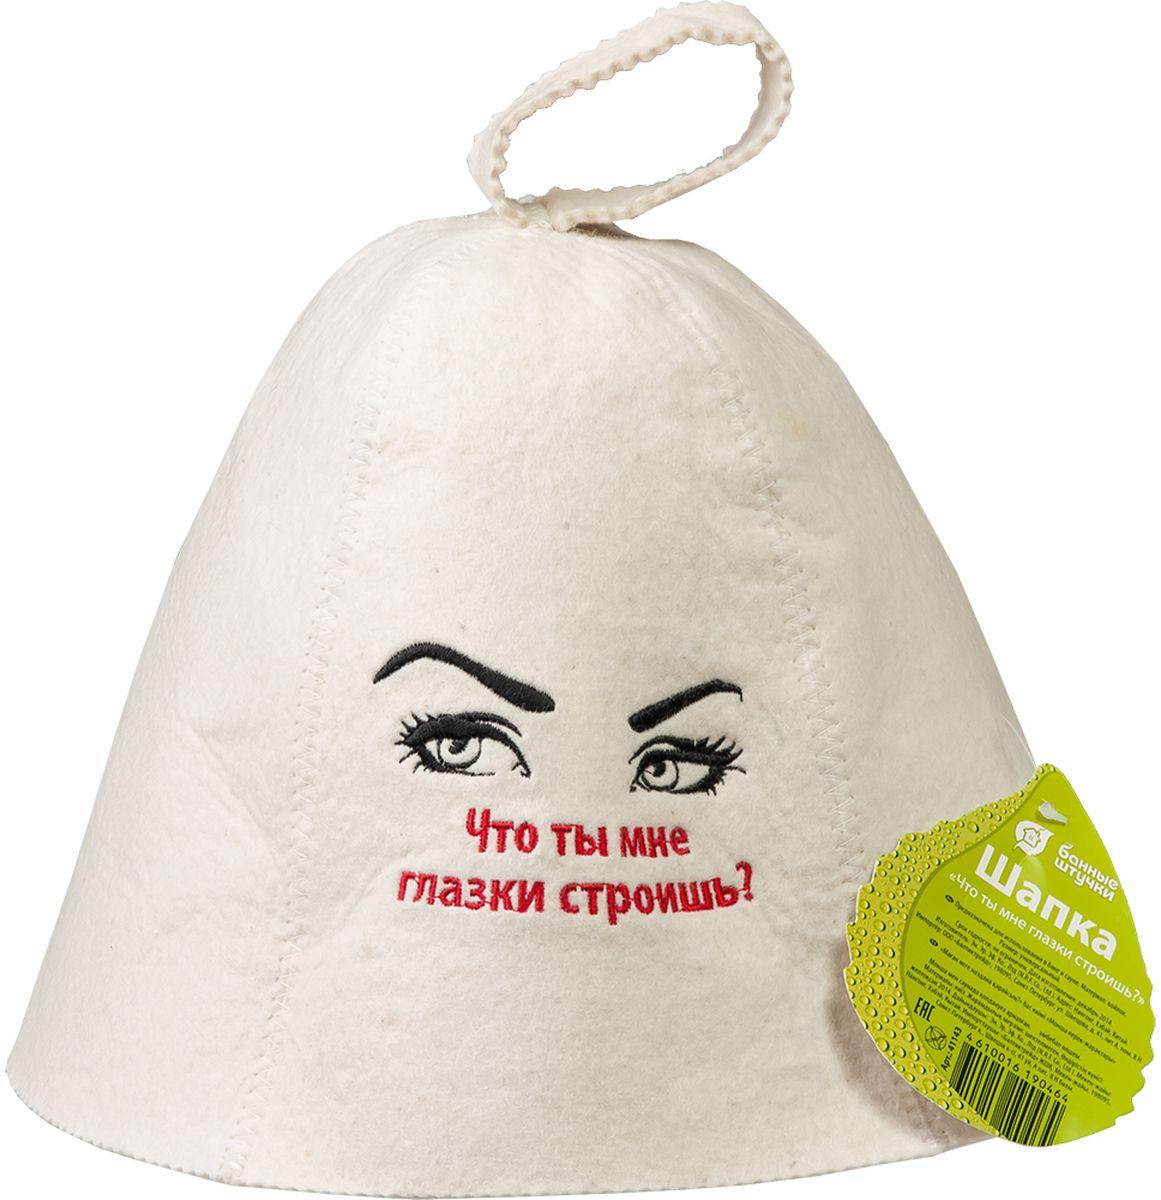 Шапка для бани и сауны Банные штучки Что ты мне глазки строишь?PS0549Банная шапка Банные штучки изготовлена из войлока. Банная шапка - это незаменимый аксессуар для любителей попариться в русской бане и для тех, кто предпочитает сухой жар финской бани. Кроме того, шапка защитит волосы от сухости и ломкости, и предотвратит тепловой удар. На шапке имеется петелька, с помощью которой ее можно повесить на крючок в предбаннике. Такая шапка станет отличным подарком длялюбителей отдыха в бане или сауне.Размер: универсальный.